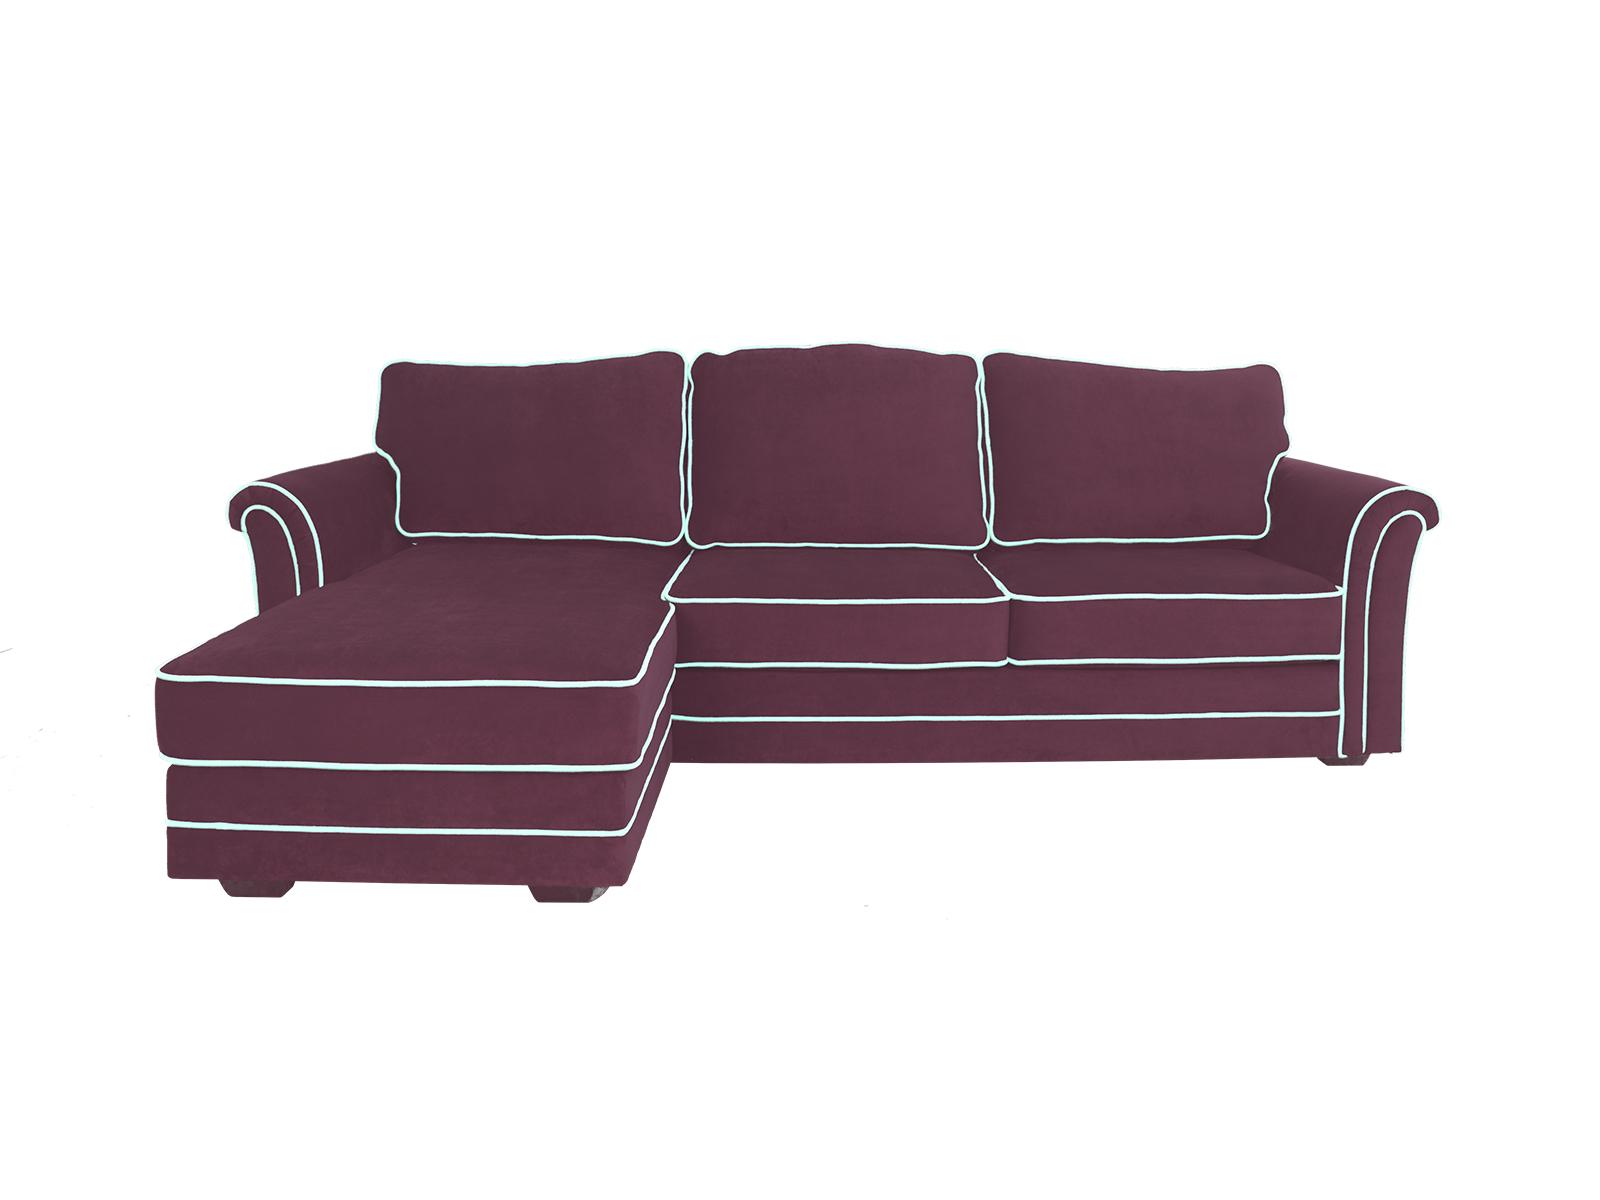 Диван SydneyДиваны и кушетки<br>Угловой диван-кровать с оттоманкой и ёмкостью для хранения. Оттоманка может располагаться как с левой, так и с правой стороны. Размер спального места 1840х1330 мм. Механизм трансформации Sedaflex. <br>